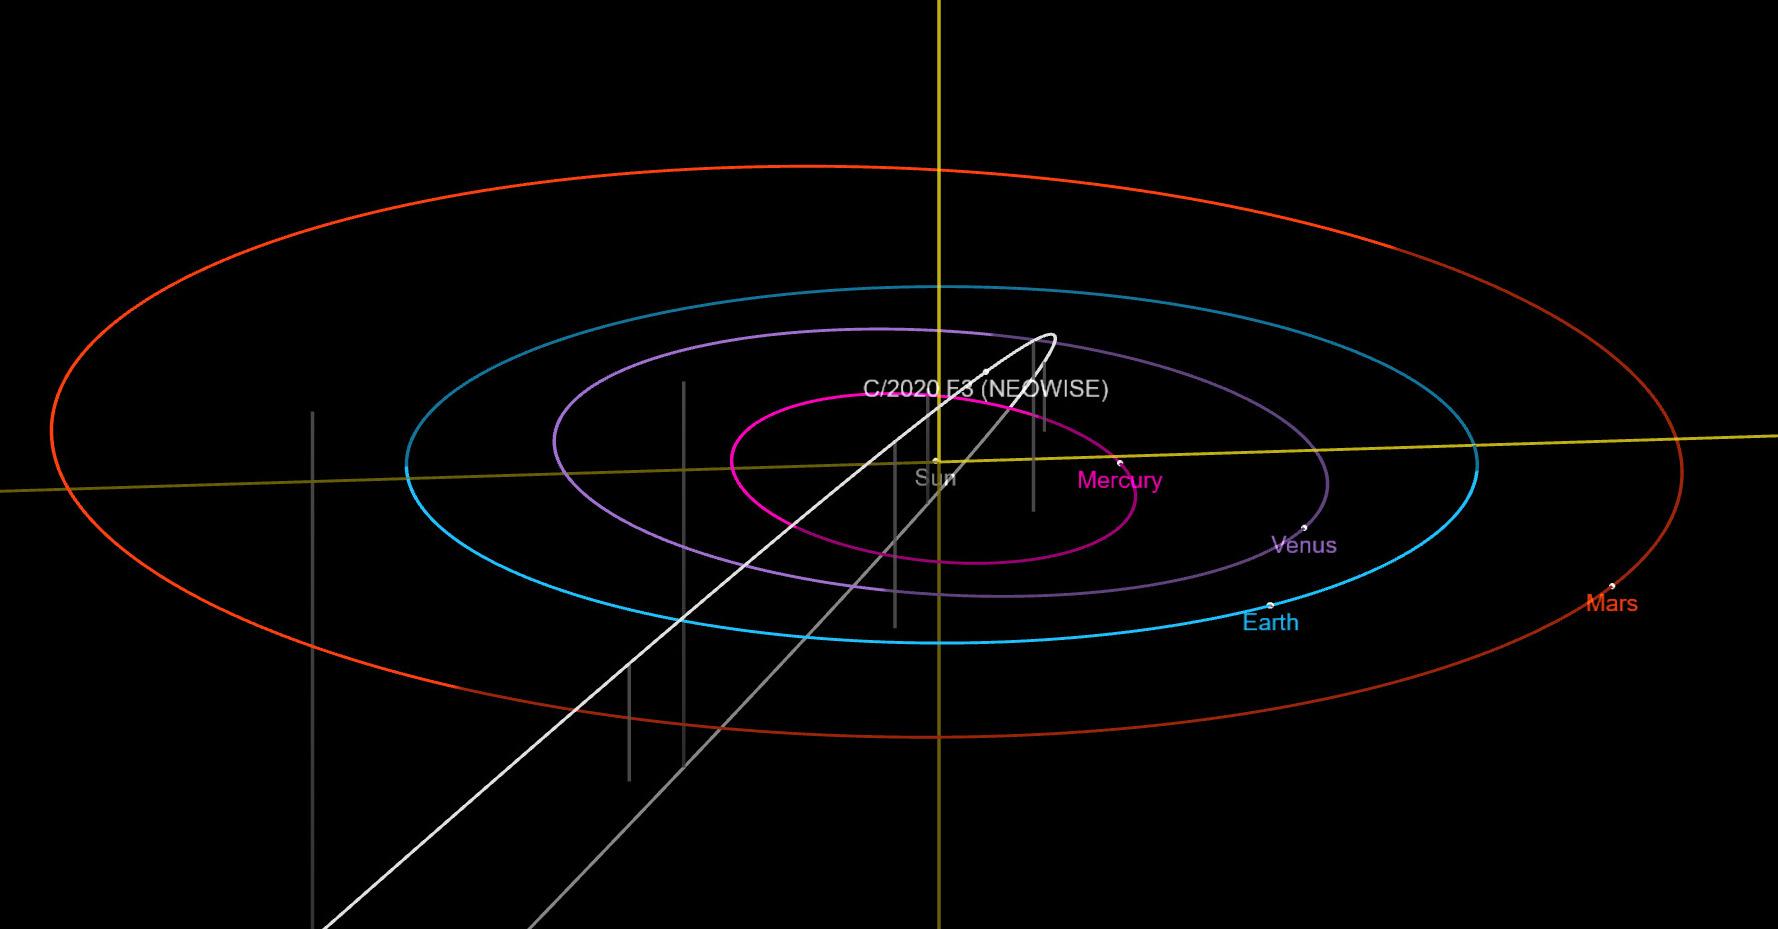 C/2020 F3 (NEOWISE) üstökös pályája a Naprendszerben